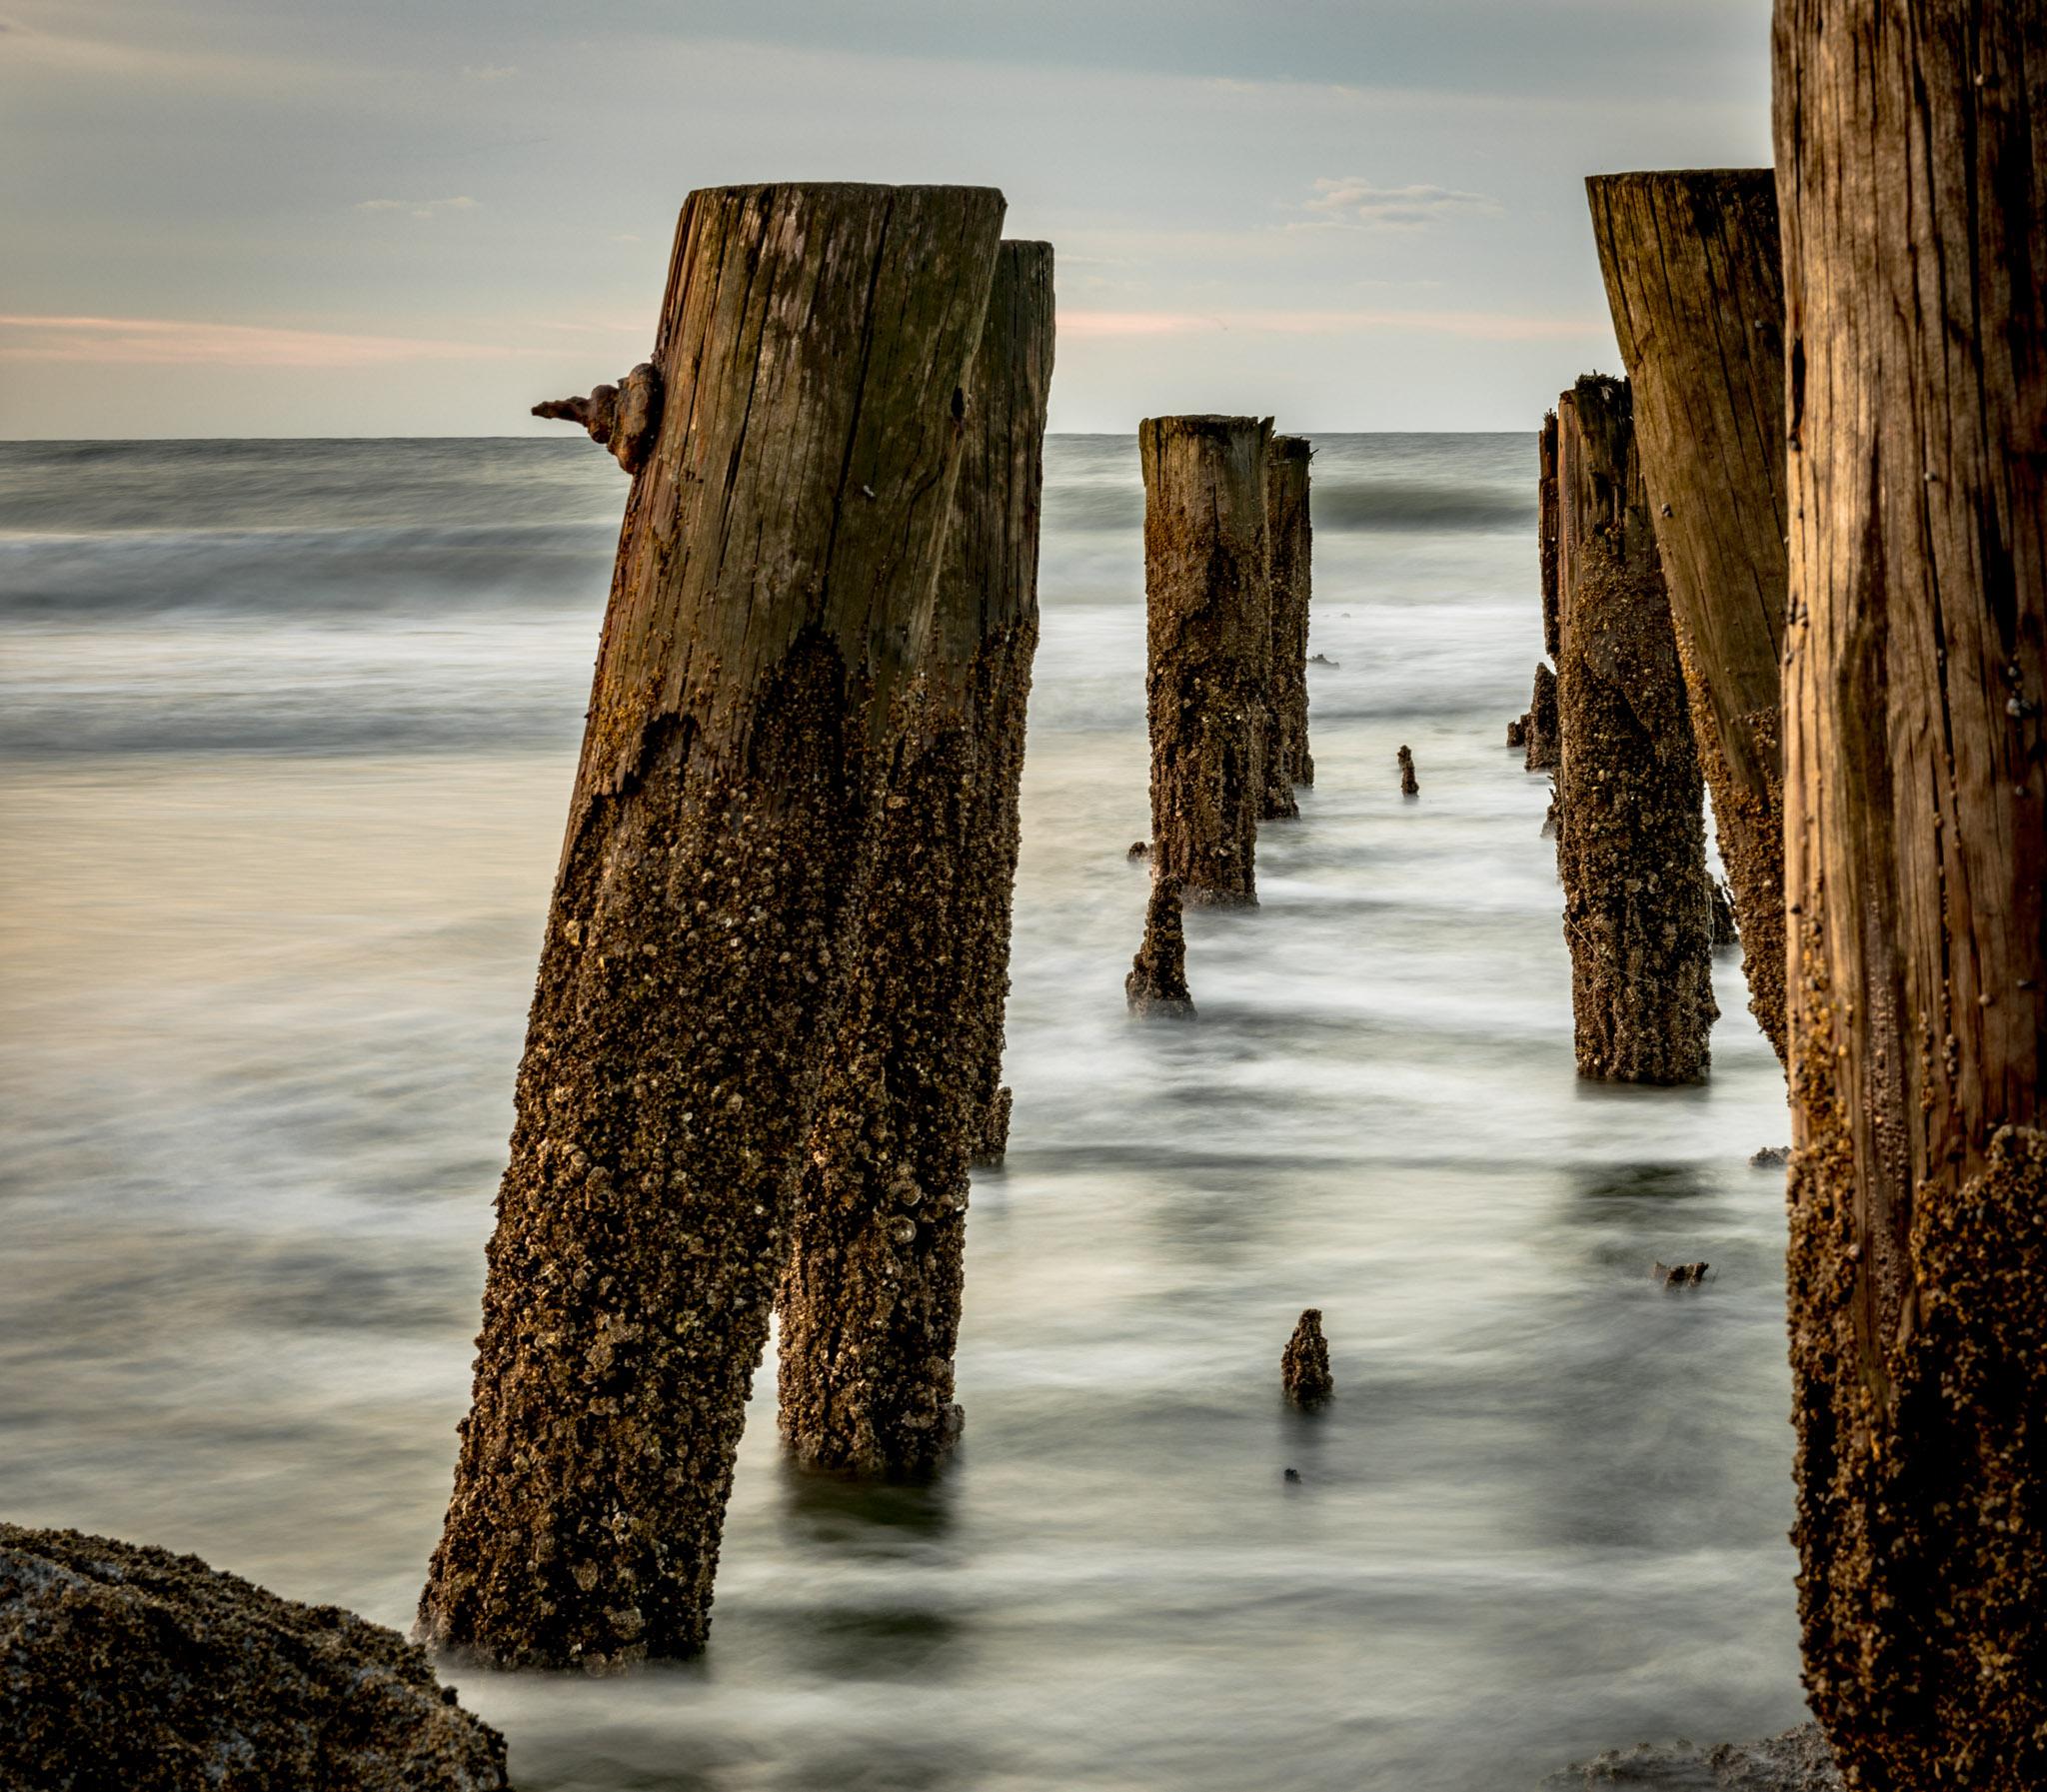 South Carolina : Folly Beach